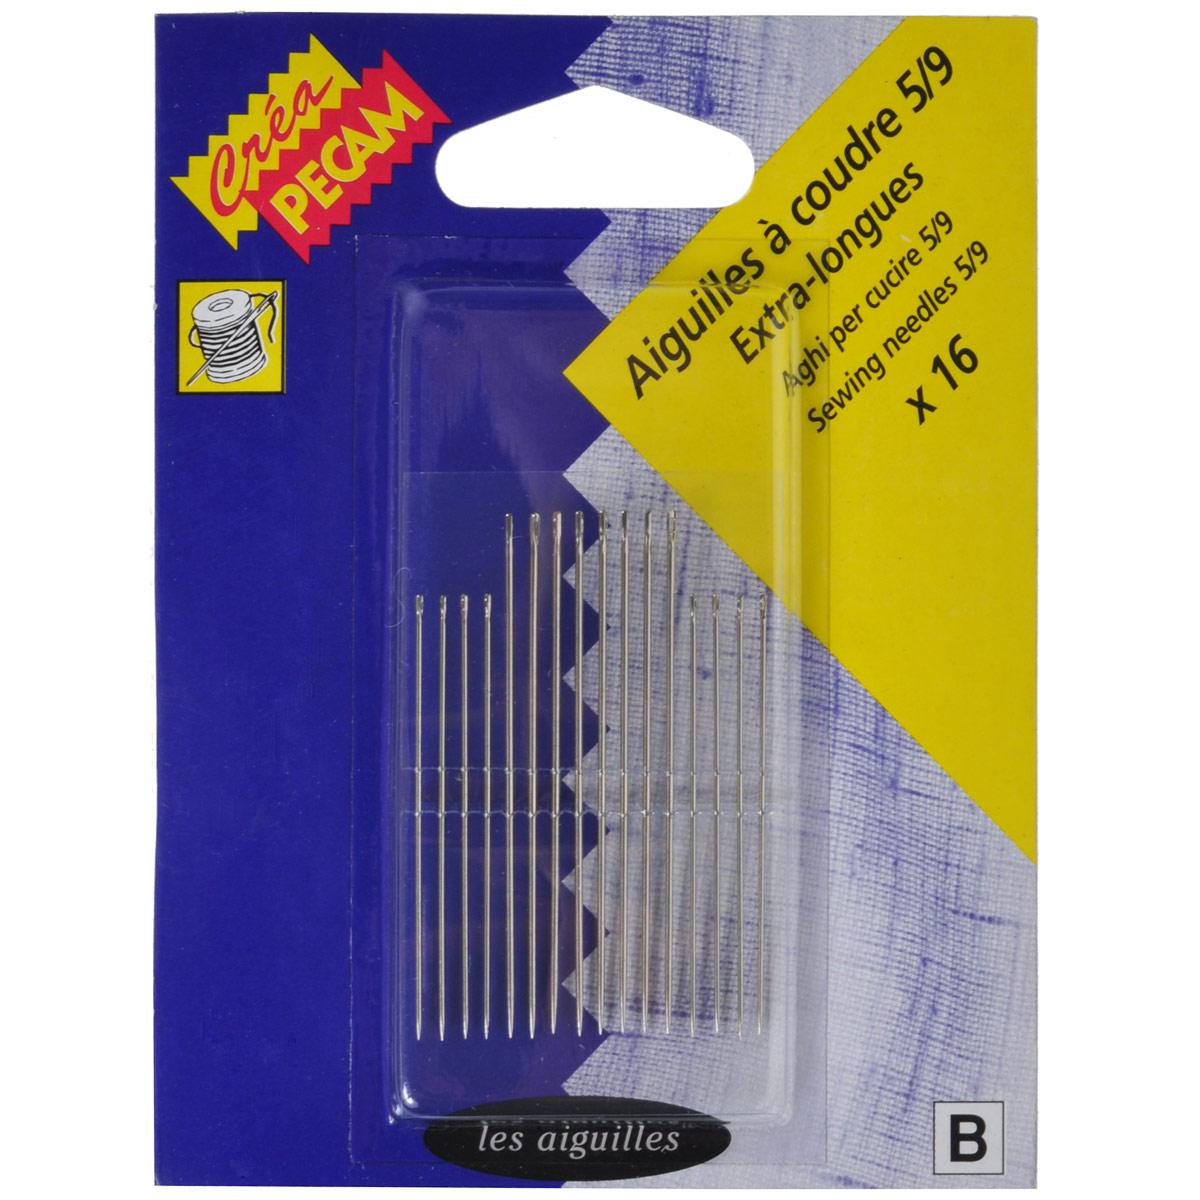 Набор игл для штопки Prym, 16 шт, № 5/9. 124669 - Prym124669Ручные иглы Prym, изготовленные из высококачественной стали, предназначены для штопки. Практичный набор из 16 игл для настоящей хозяйки.